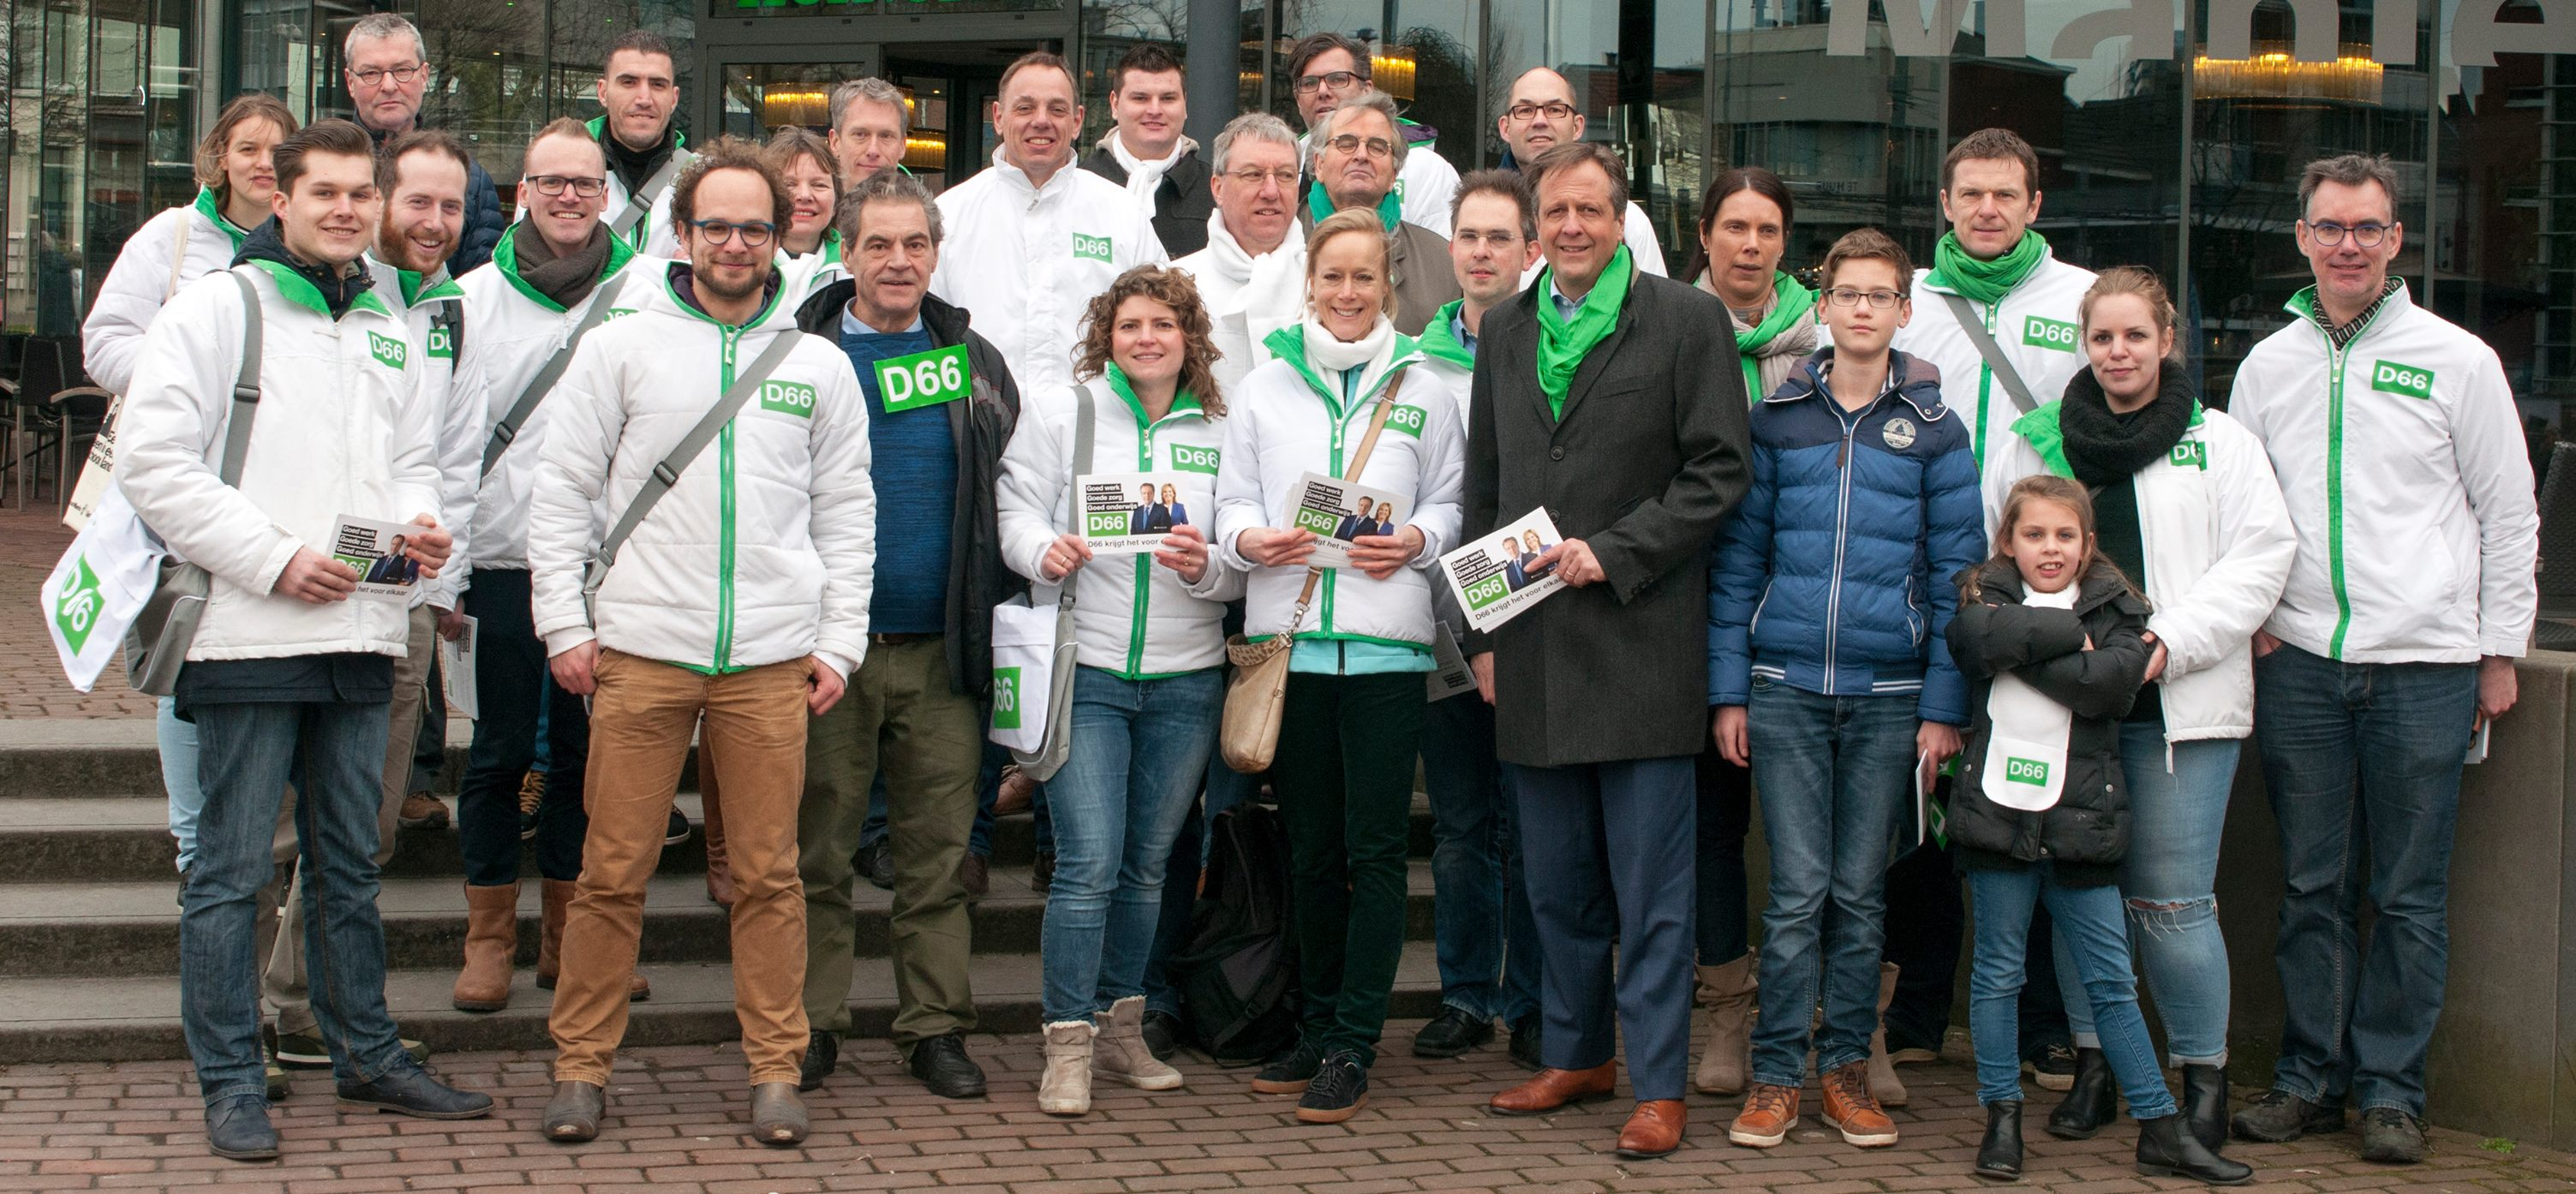 Campagne Tweede Kamer 2017 in Arnhem met Alexander Pechtold